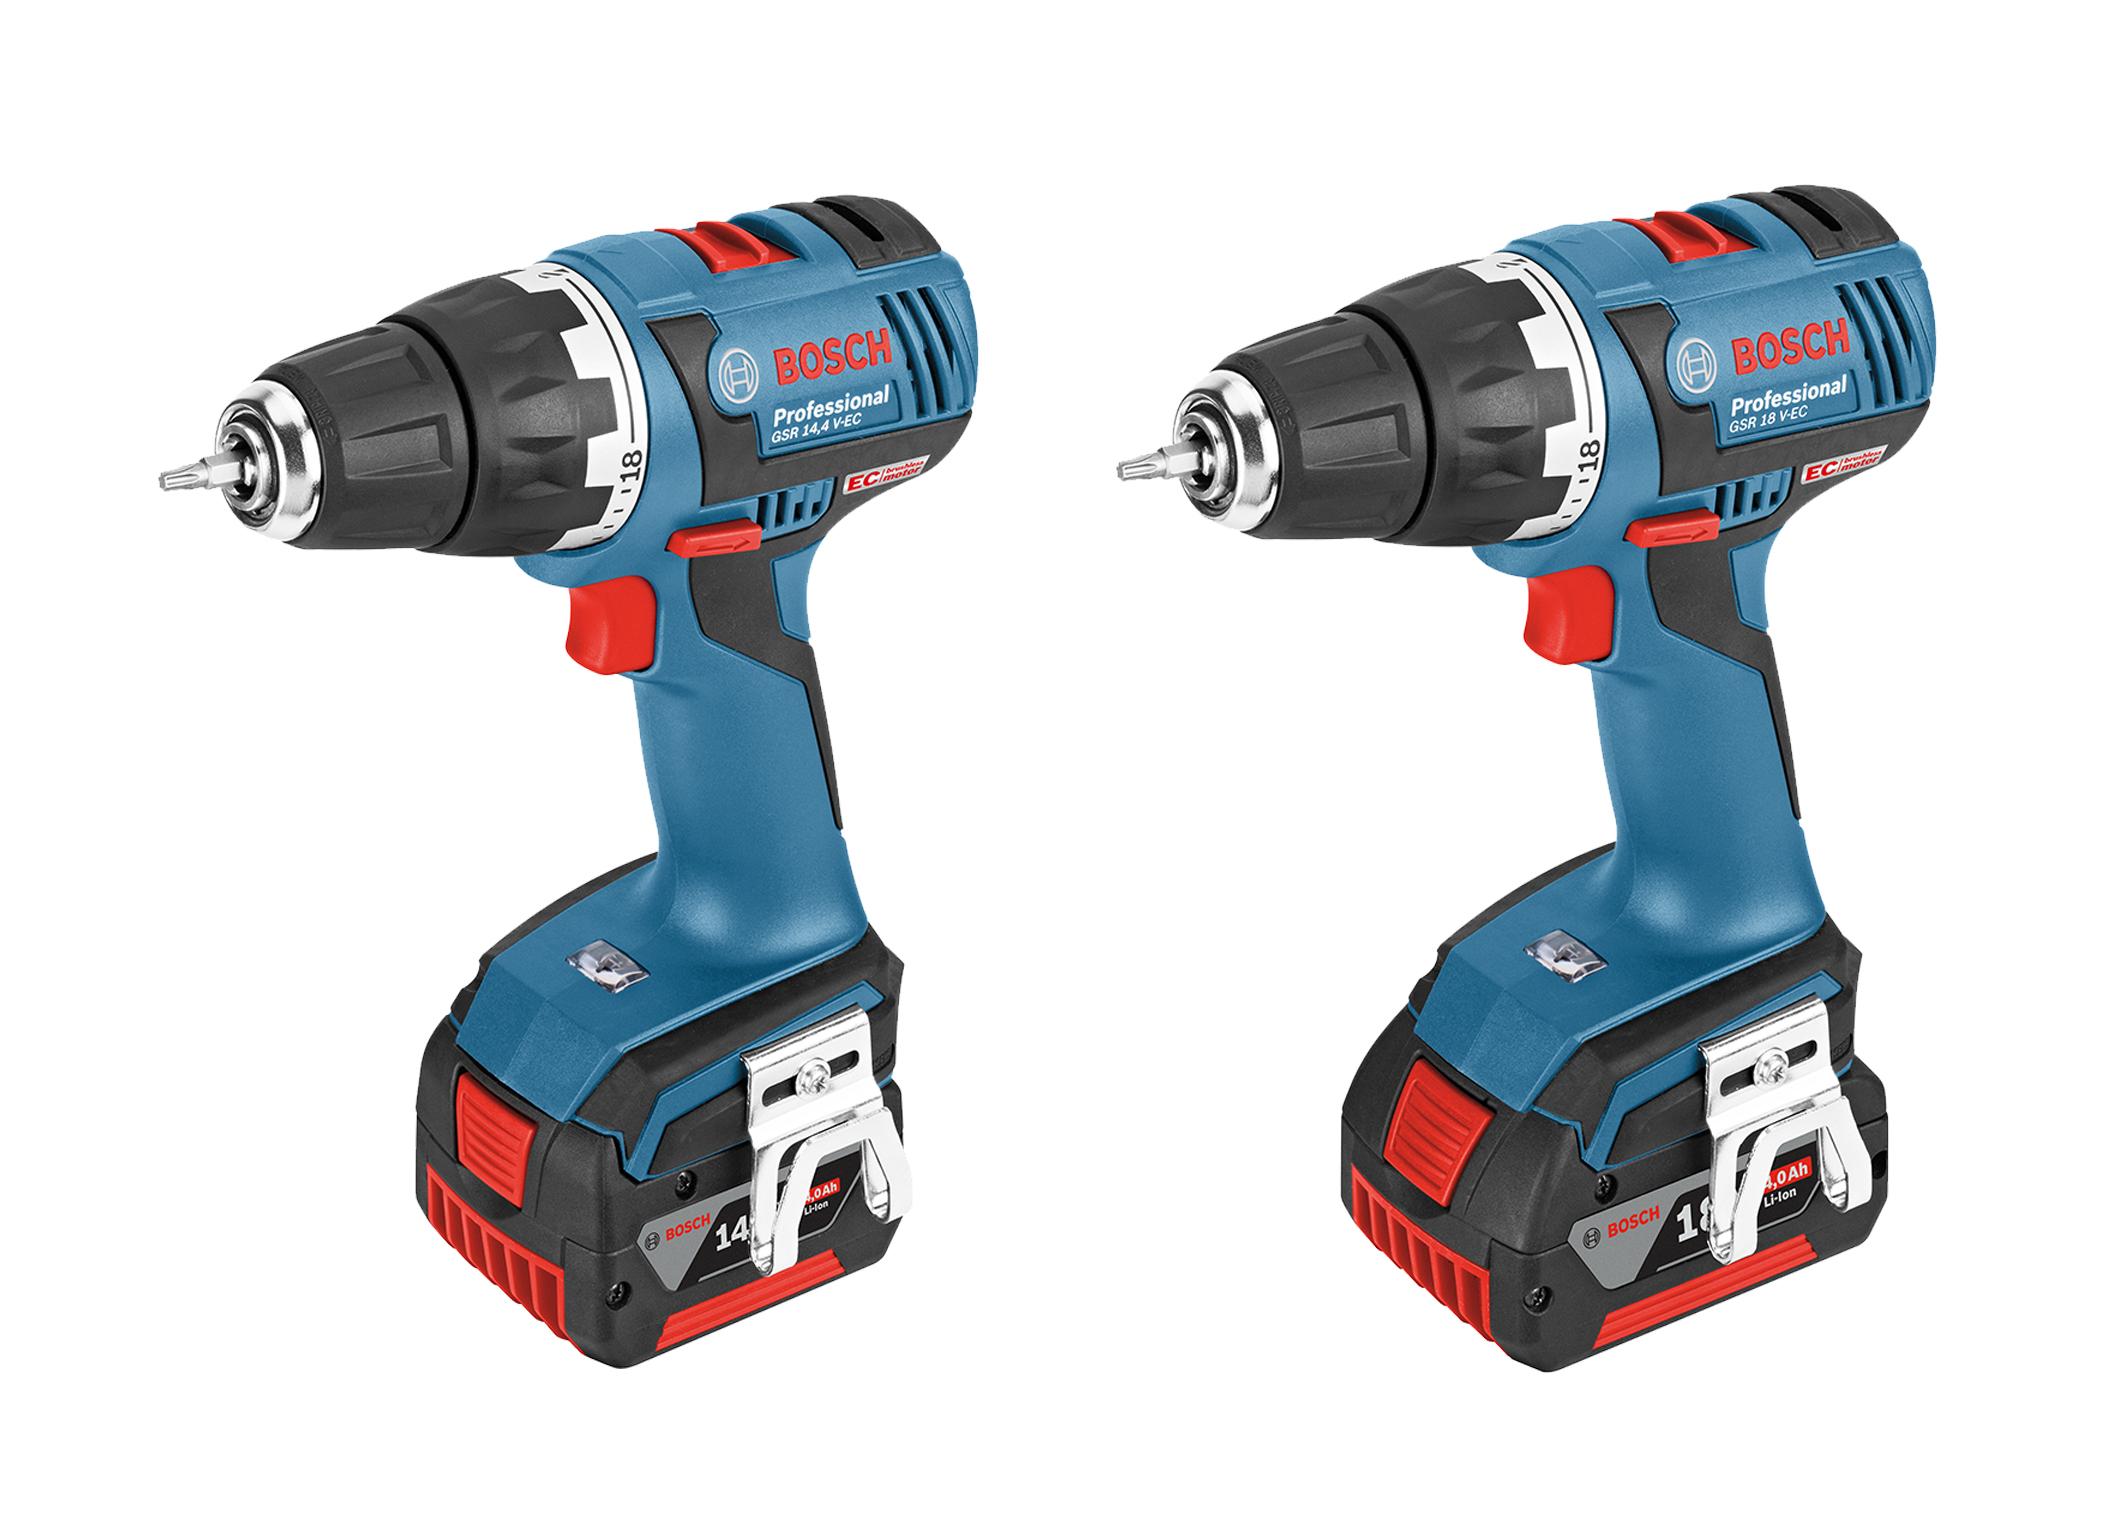 New Bosch drill/driver with EC motor:  GSR 14,4 V-EC Professional and GSR 18 V-EC Professional